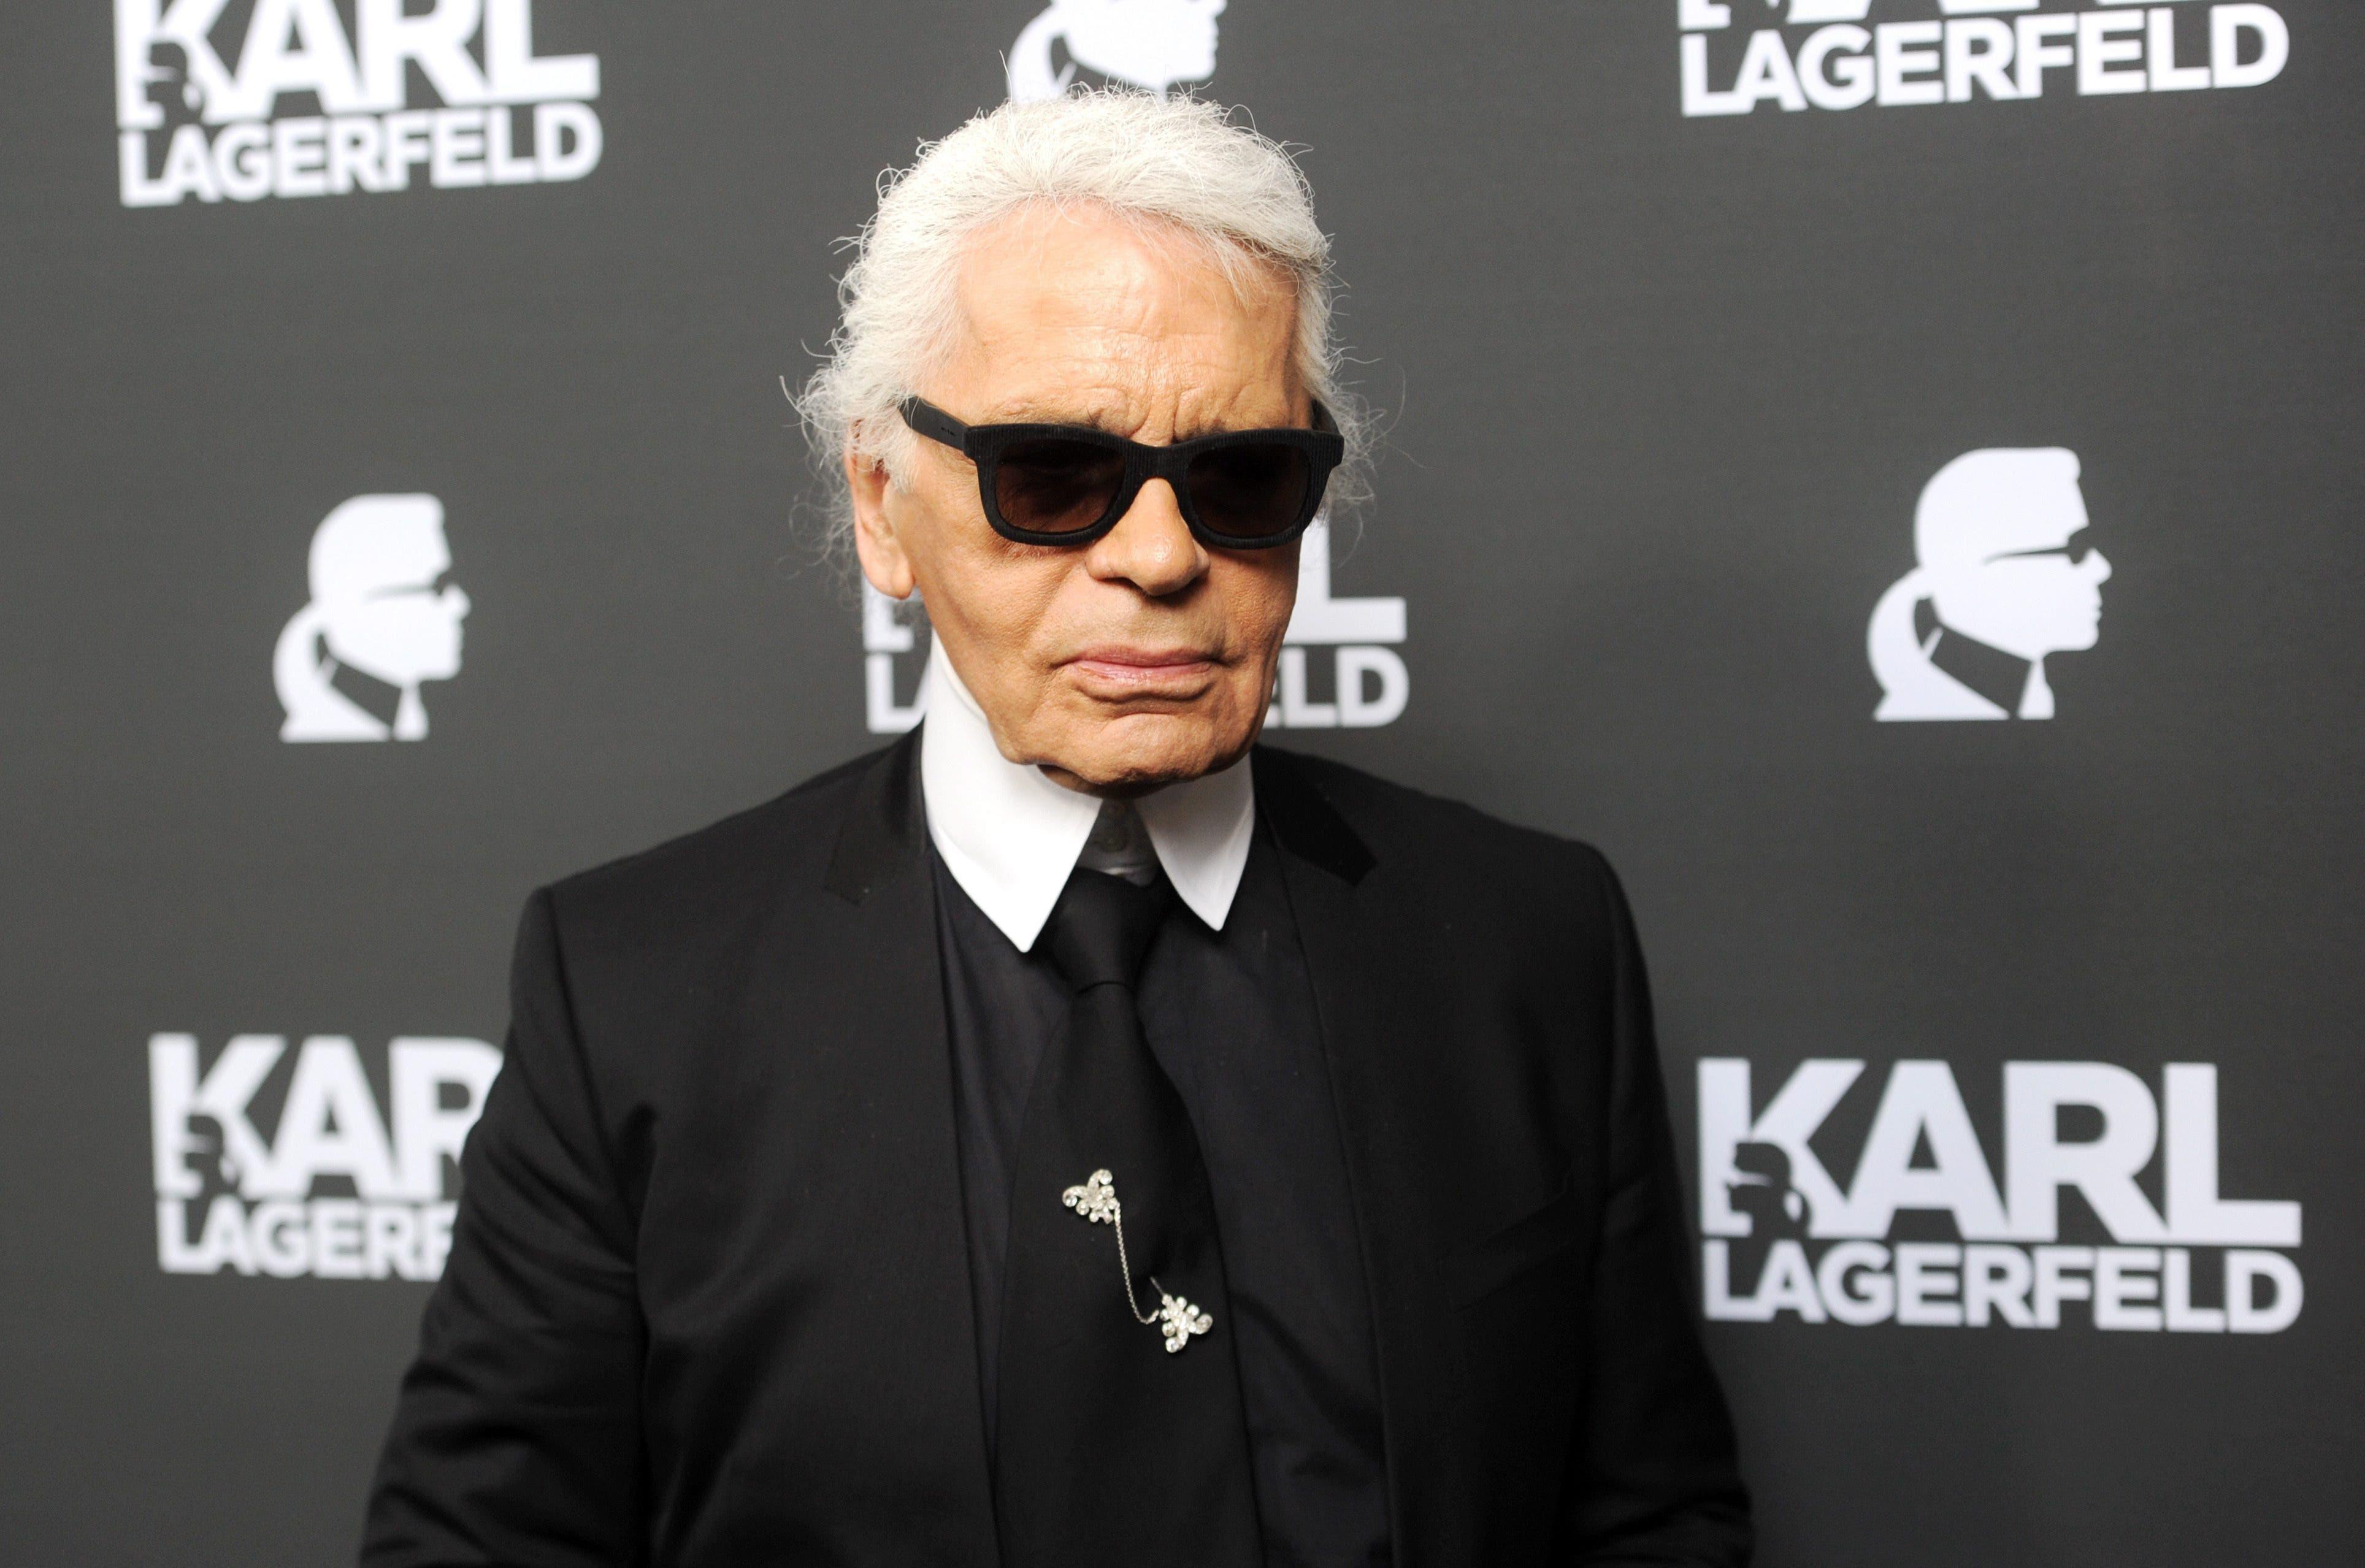 Modeschöpfer Karl Lagerfeld 85 Jährig Gestorben